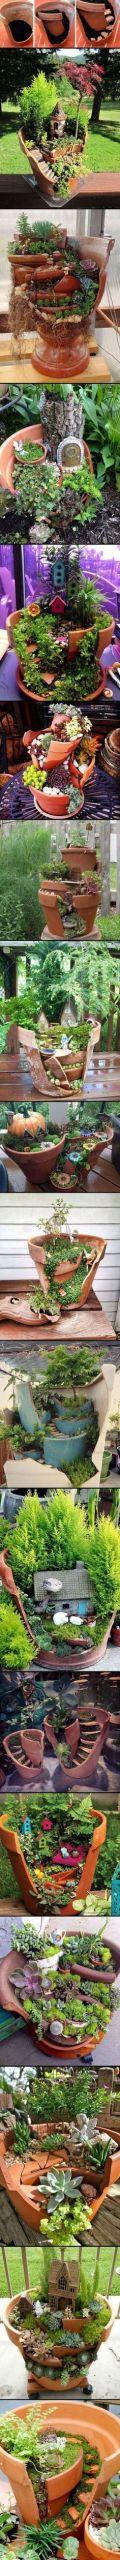 Alter Stuhl Als Gartendeko Best Of Die 12 Besten Bilder Zu Gartendeko Selbst Gestalten